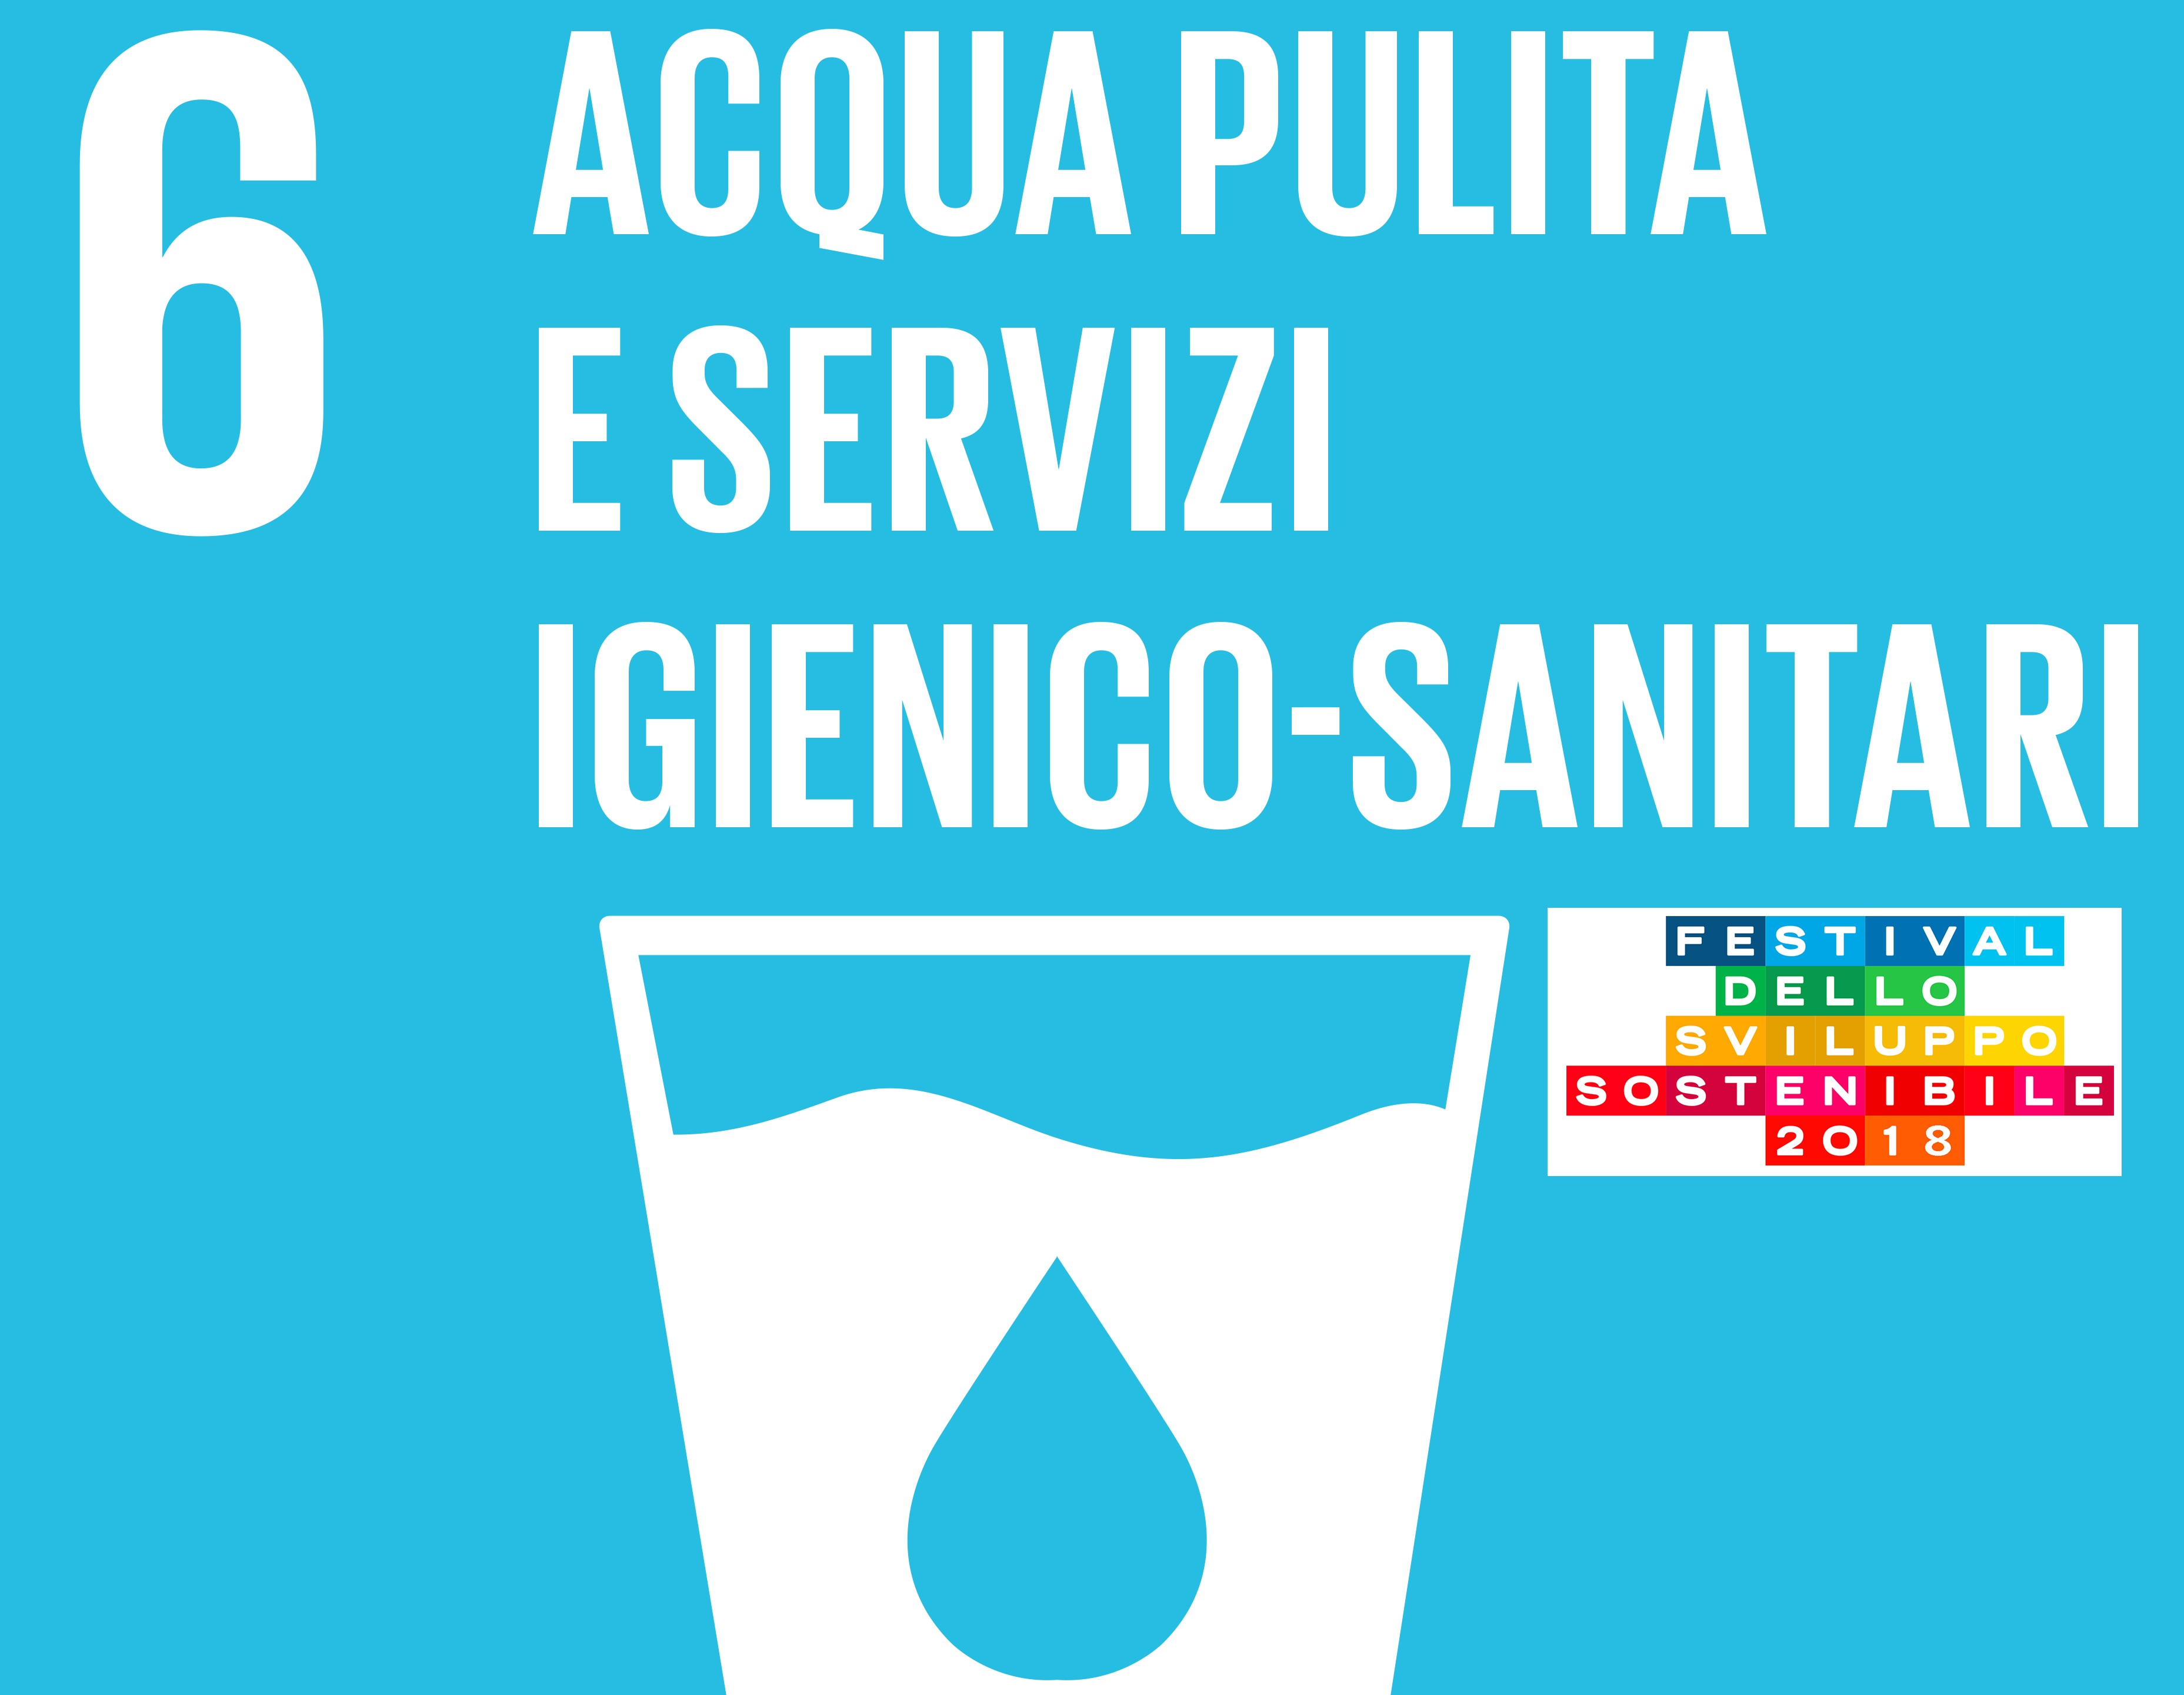 Festival dello Sviluppo Sostenibile Parma. SDG 6: Acqua pulita e servizi igienico-sanitari